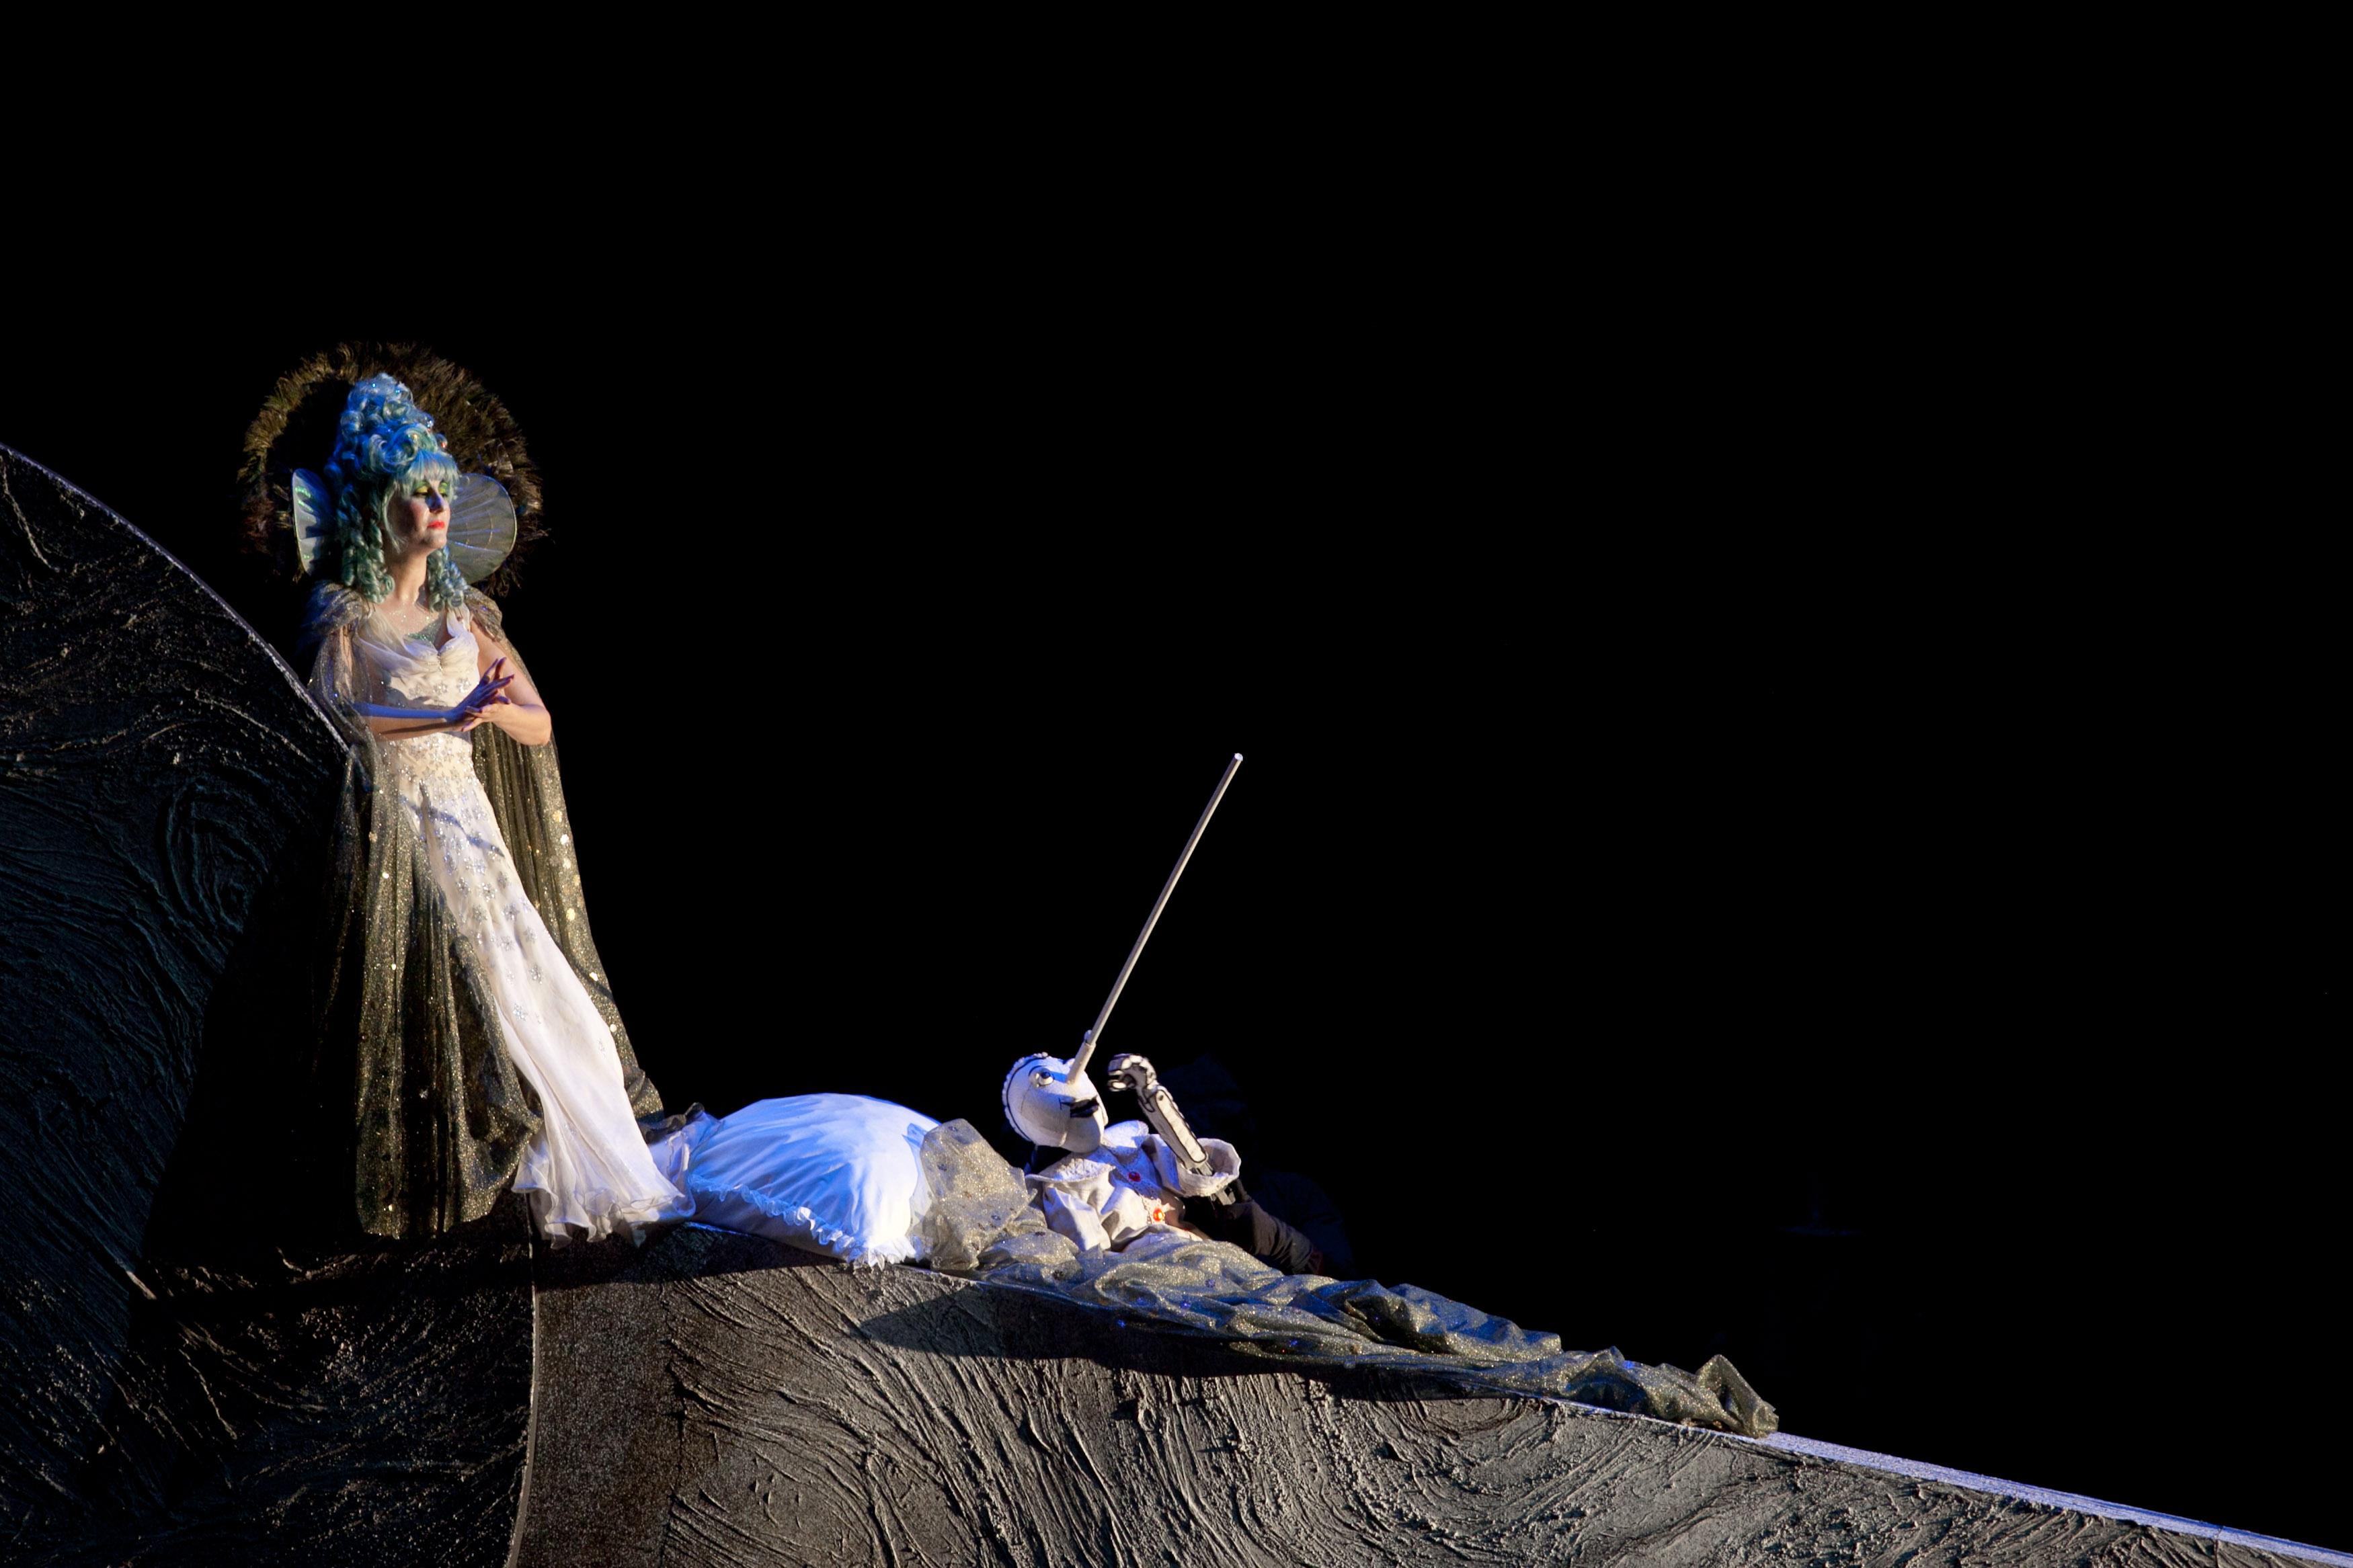 Pinocchio-Teatro Regio di Torino-2011